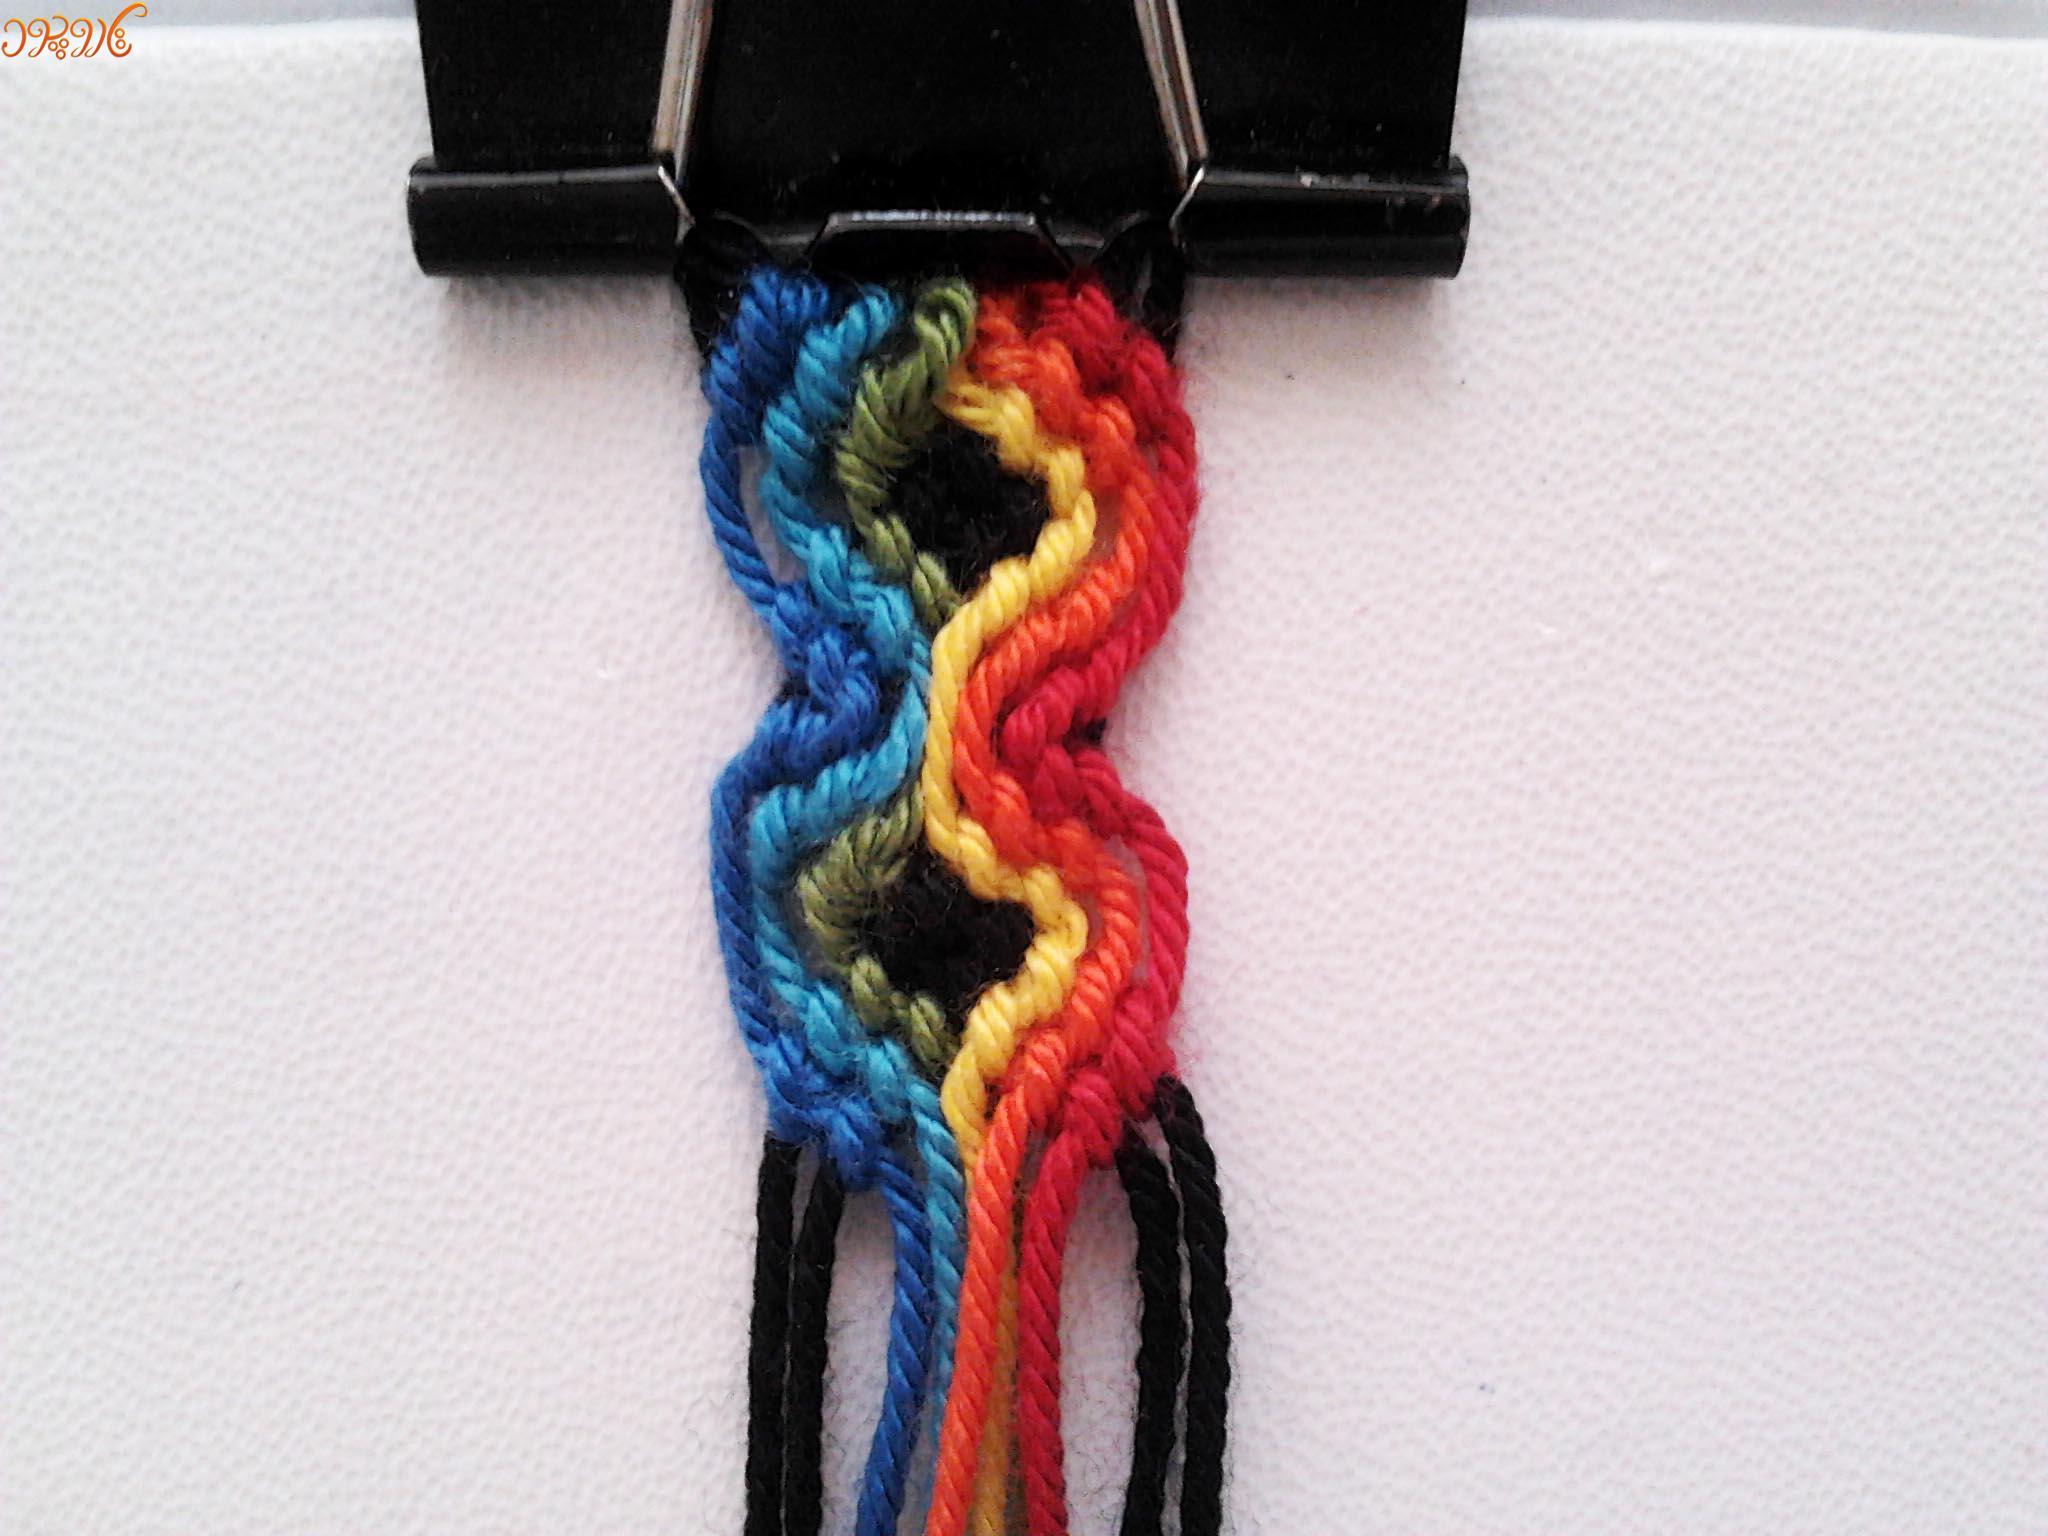 آموزش بافت دستبند دوستی جدید طرح رنگین کمان موجی